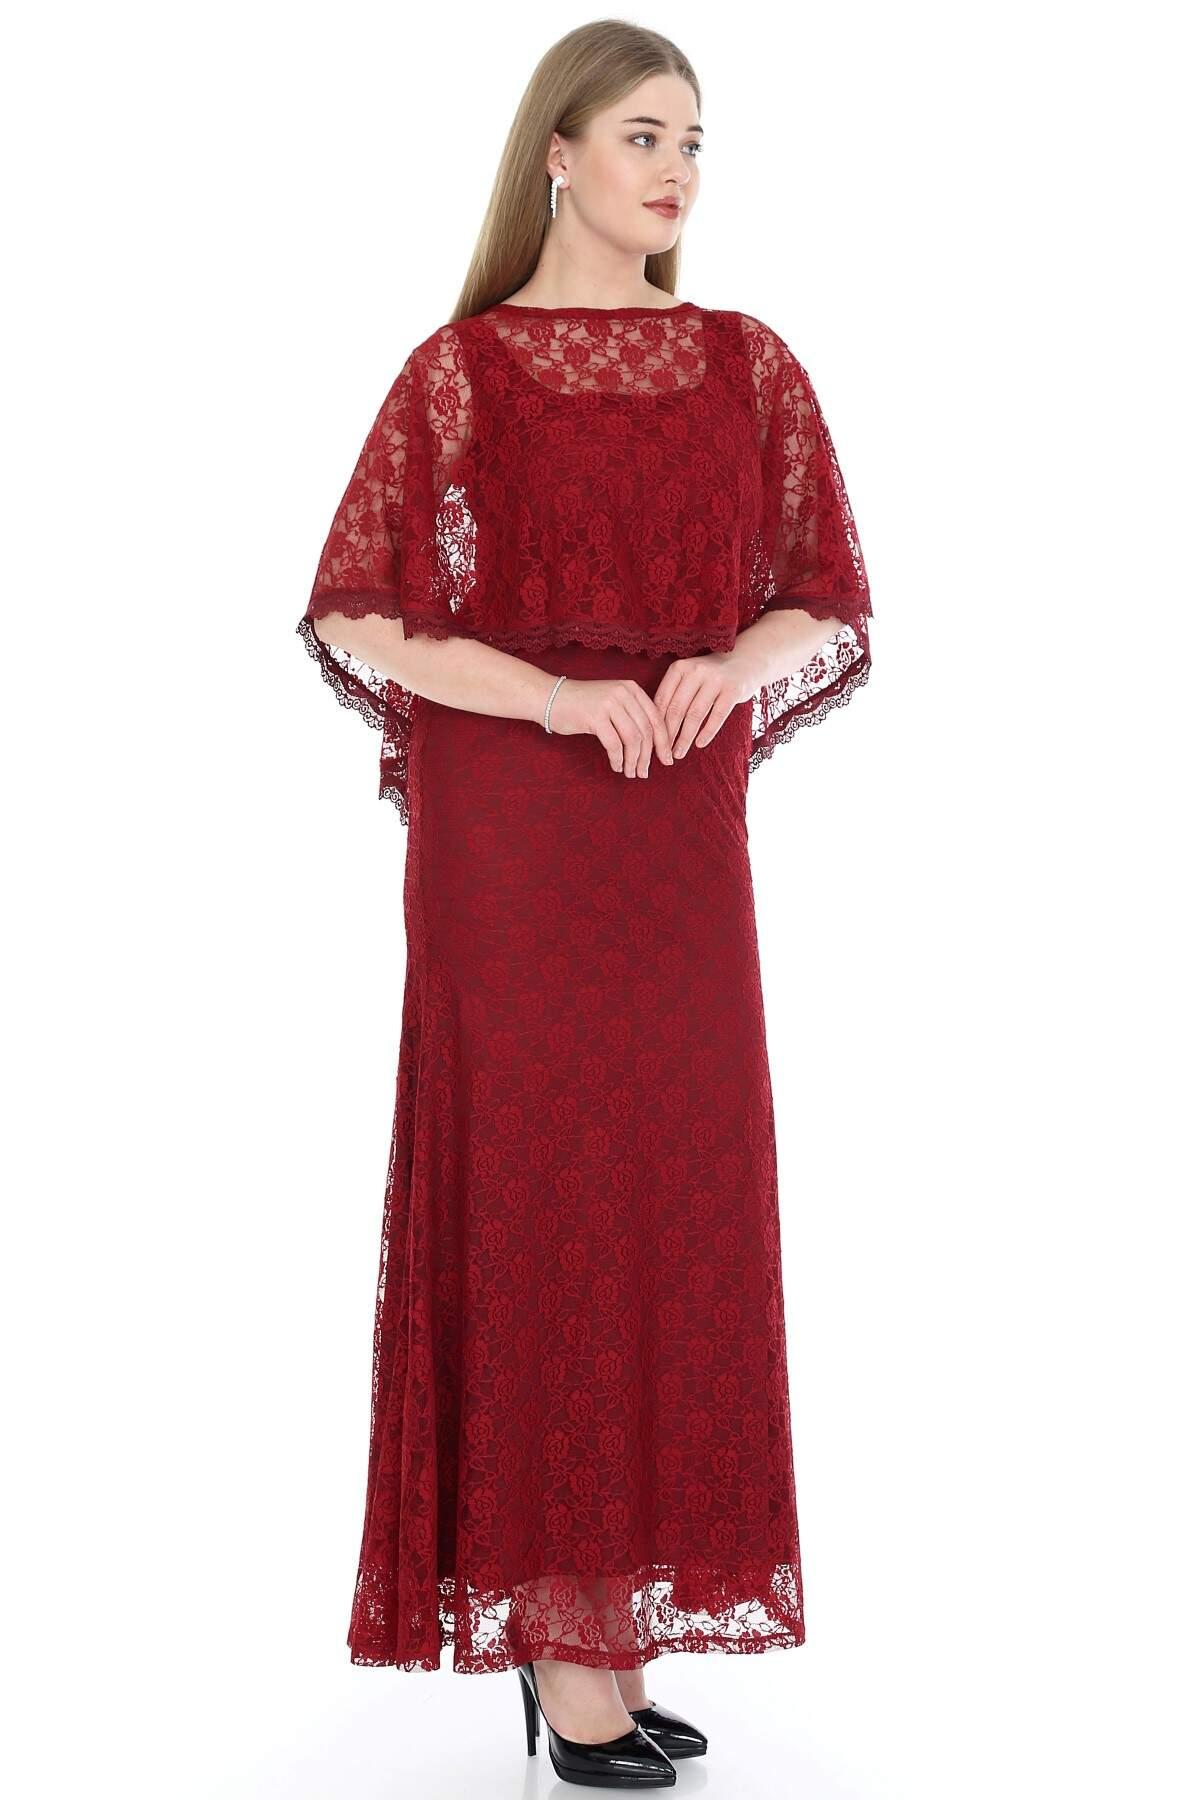 Büyük Beden Uzun Abiye Dantelli Elbise PNR037 Bordo